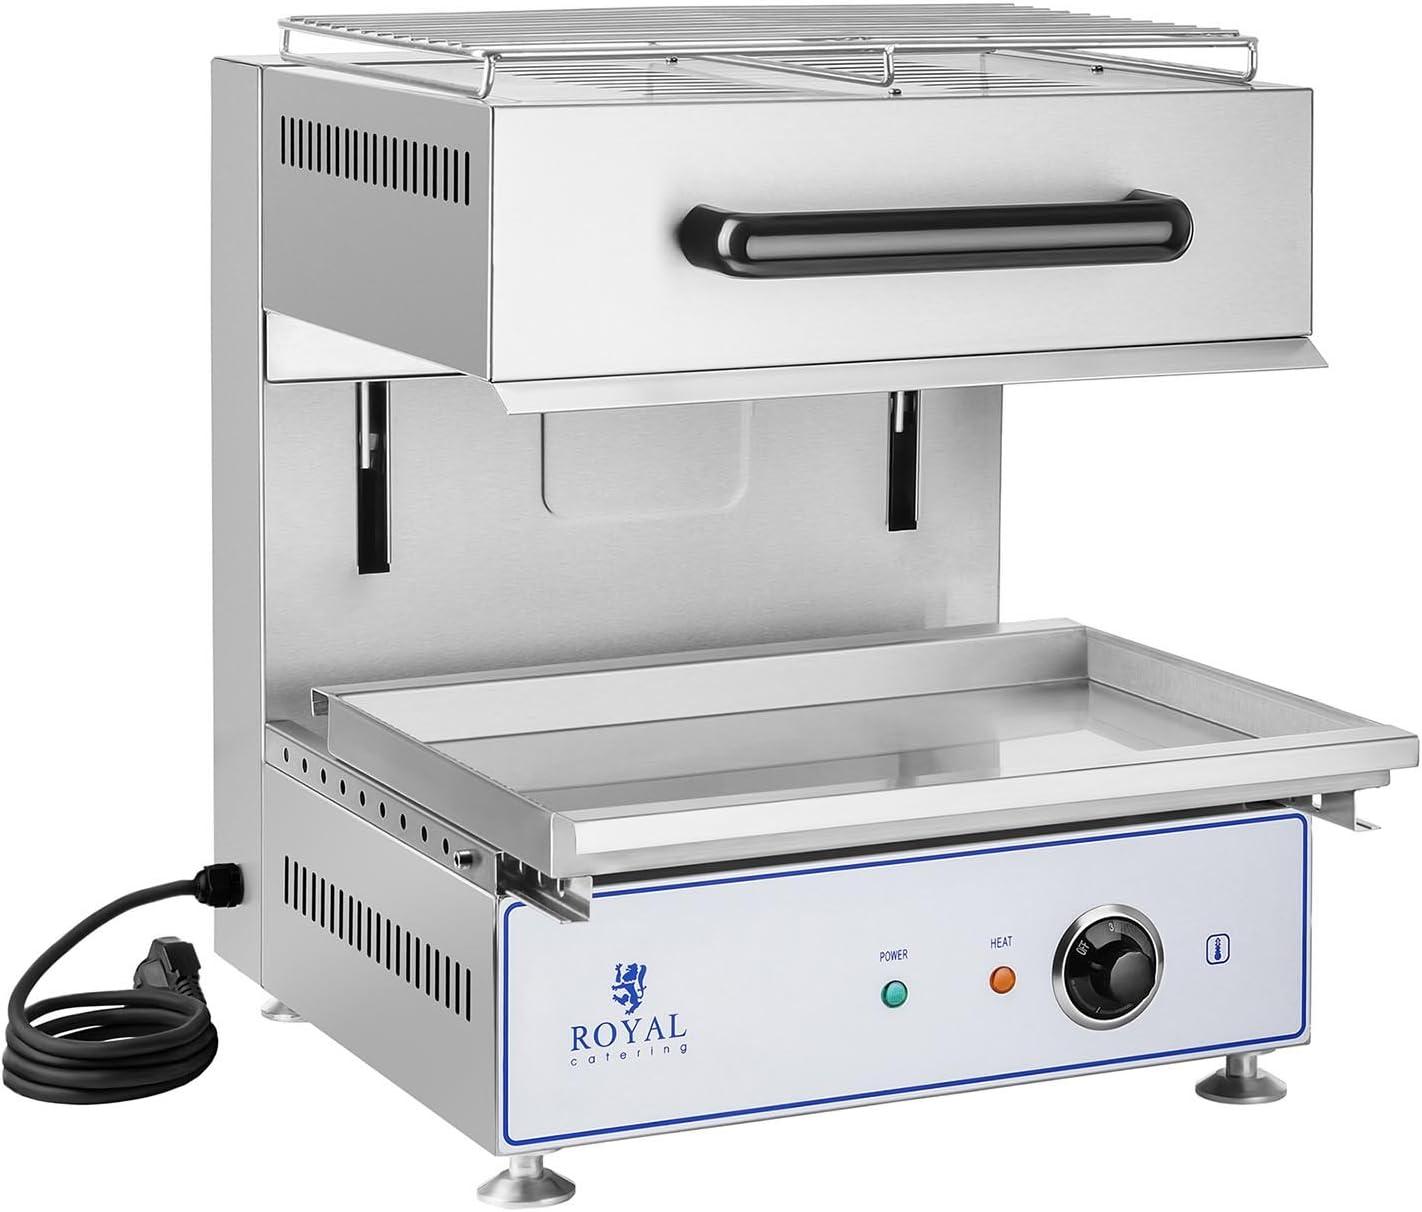 Royal Catering RCLS-19 Lift Salamander Küche Grillofen Überbackgerät  Backgrill - 19 Watt - Höhenverstellbar